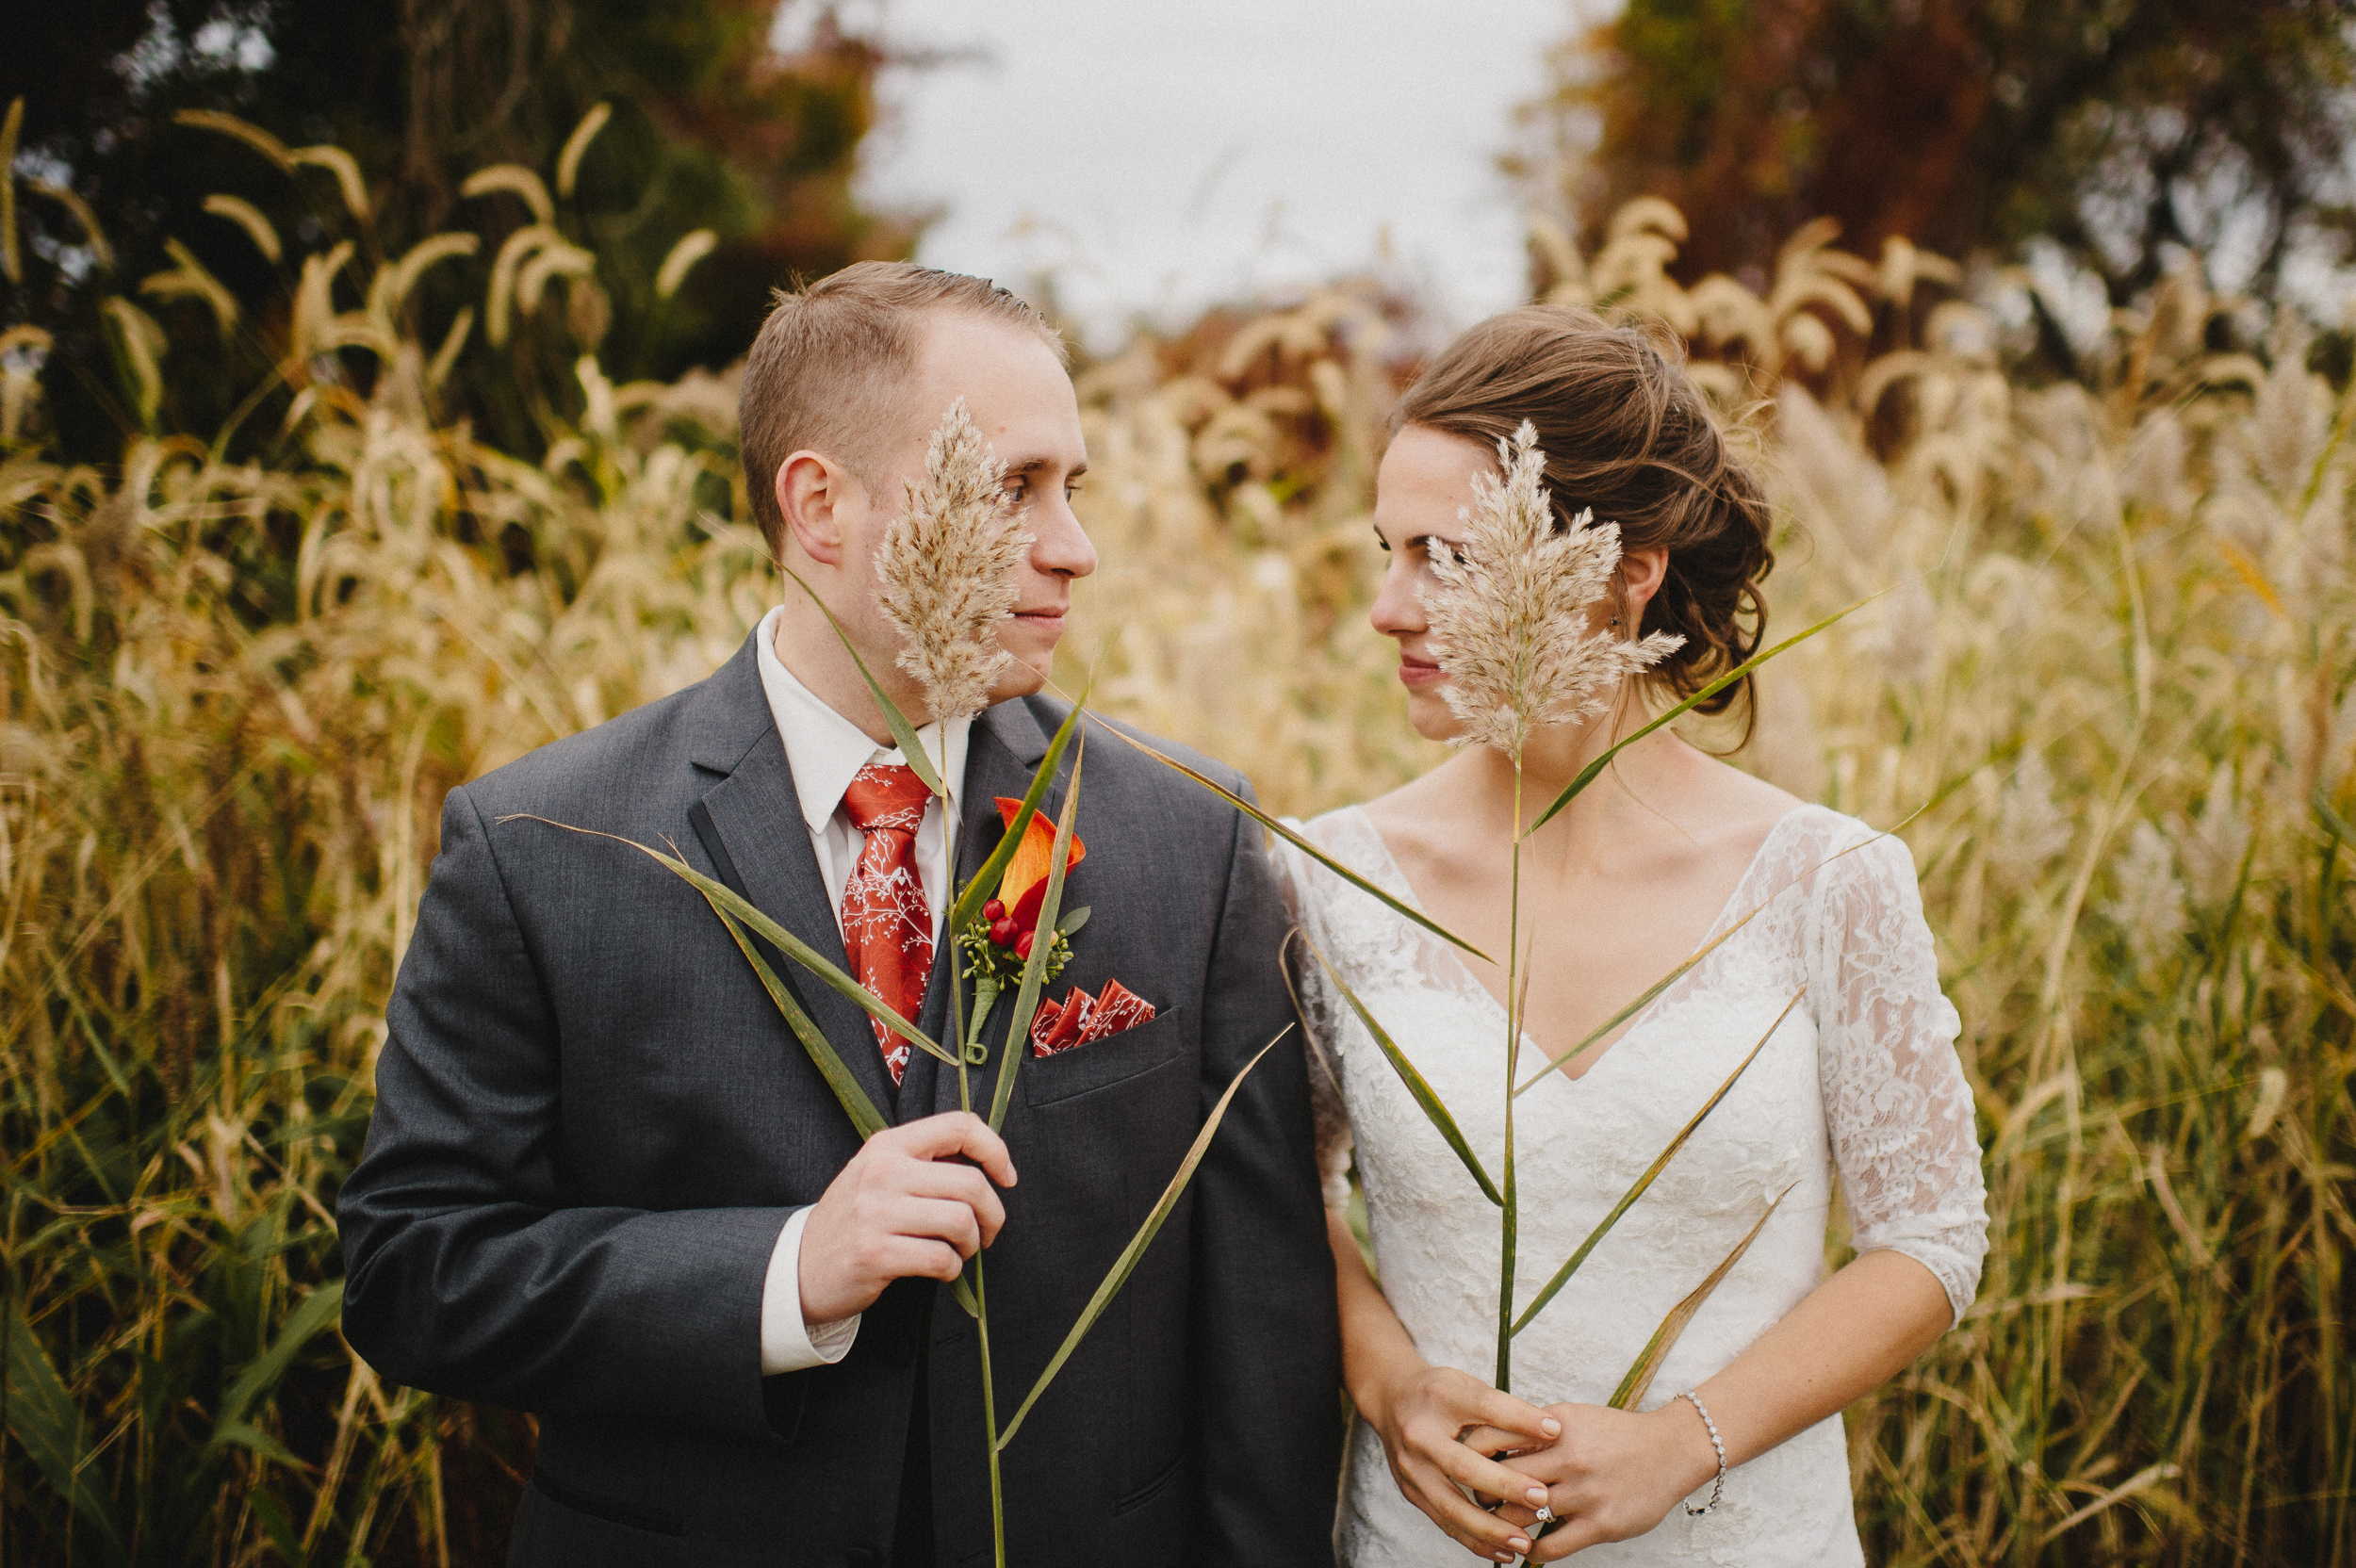 thousand-acre-farm-wedding-photographer-67.jpg